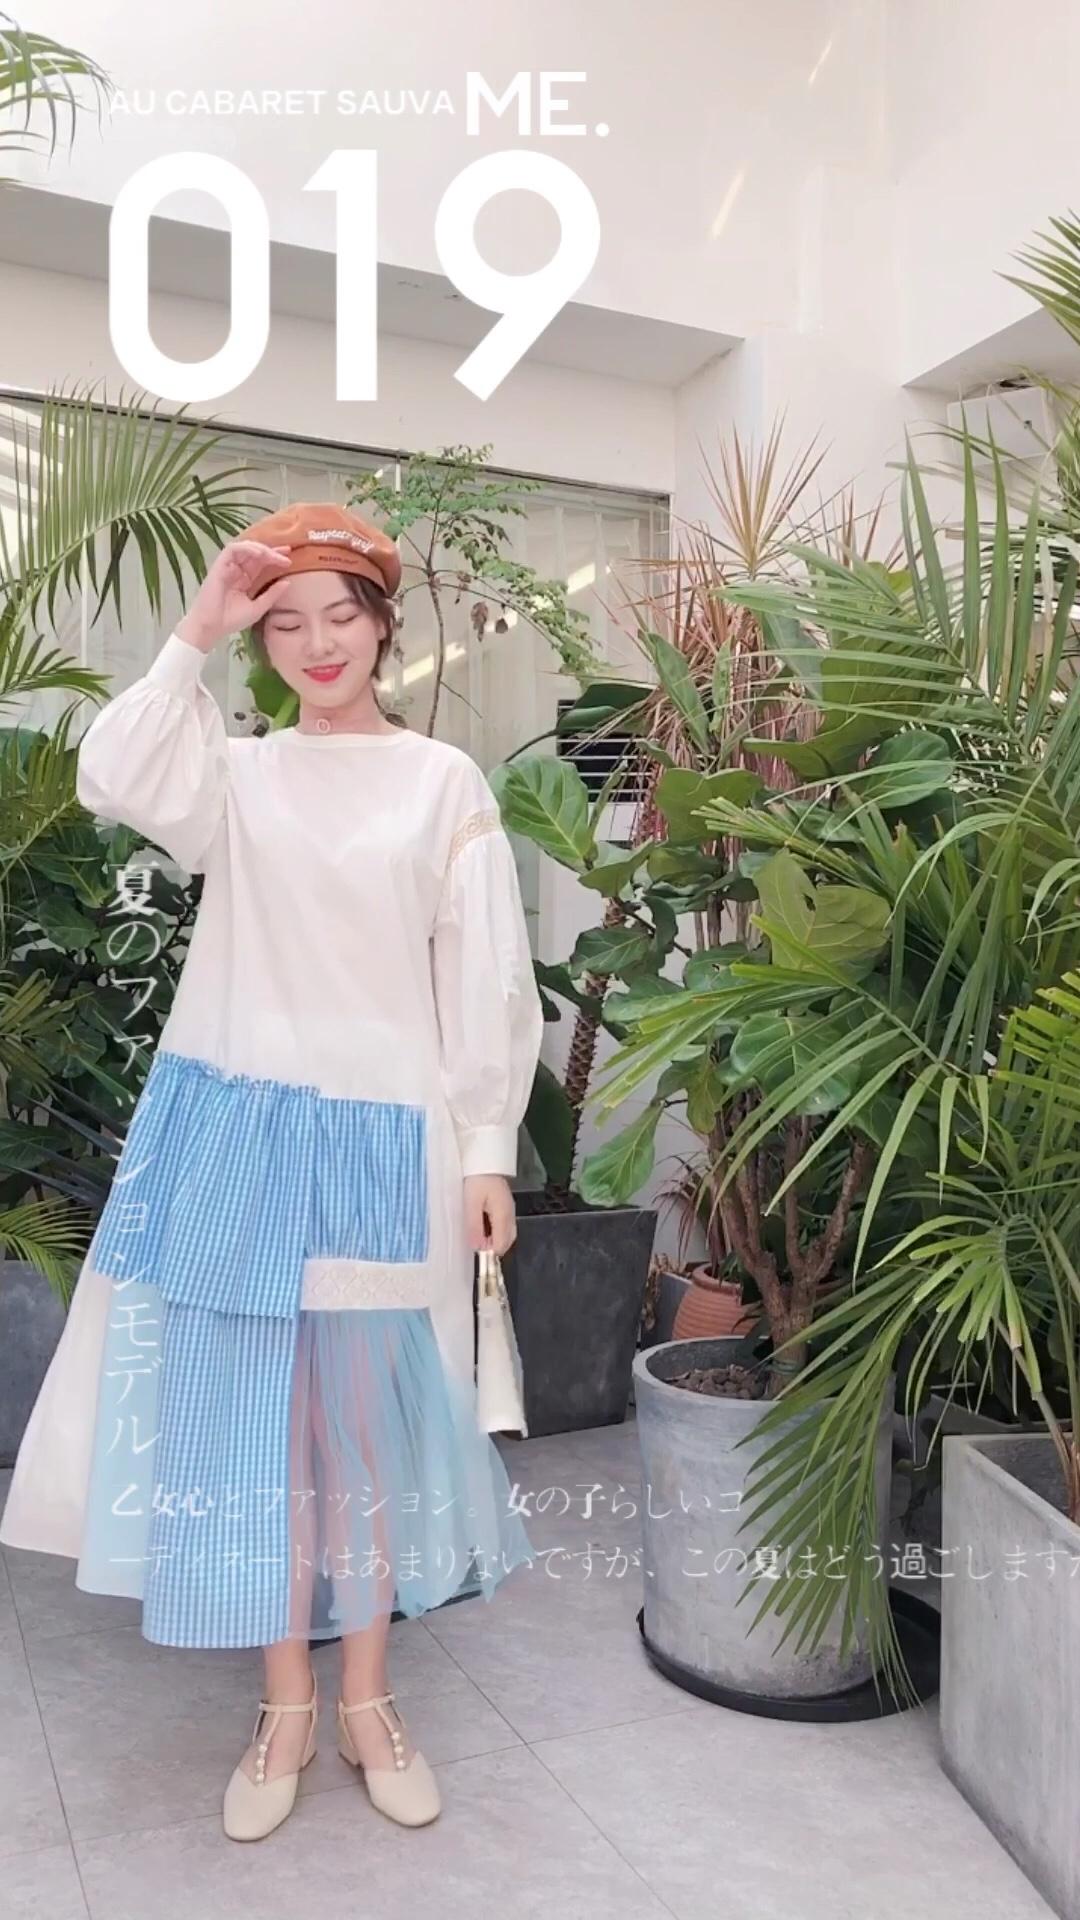 #换季闹衣荒,剁手要趁早#  入秋穿搭看过来啦~ 身材有点缺点女孩子很适合的一条连衣裙 很好的修饰了身材哟~